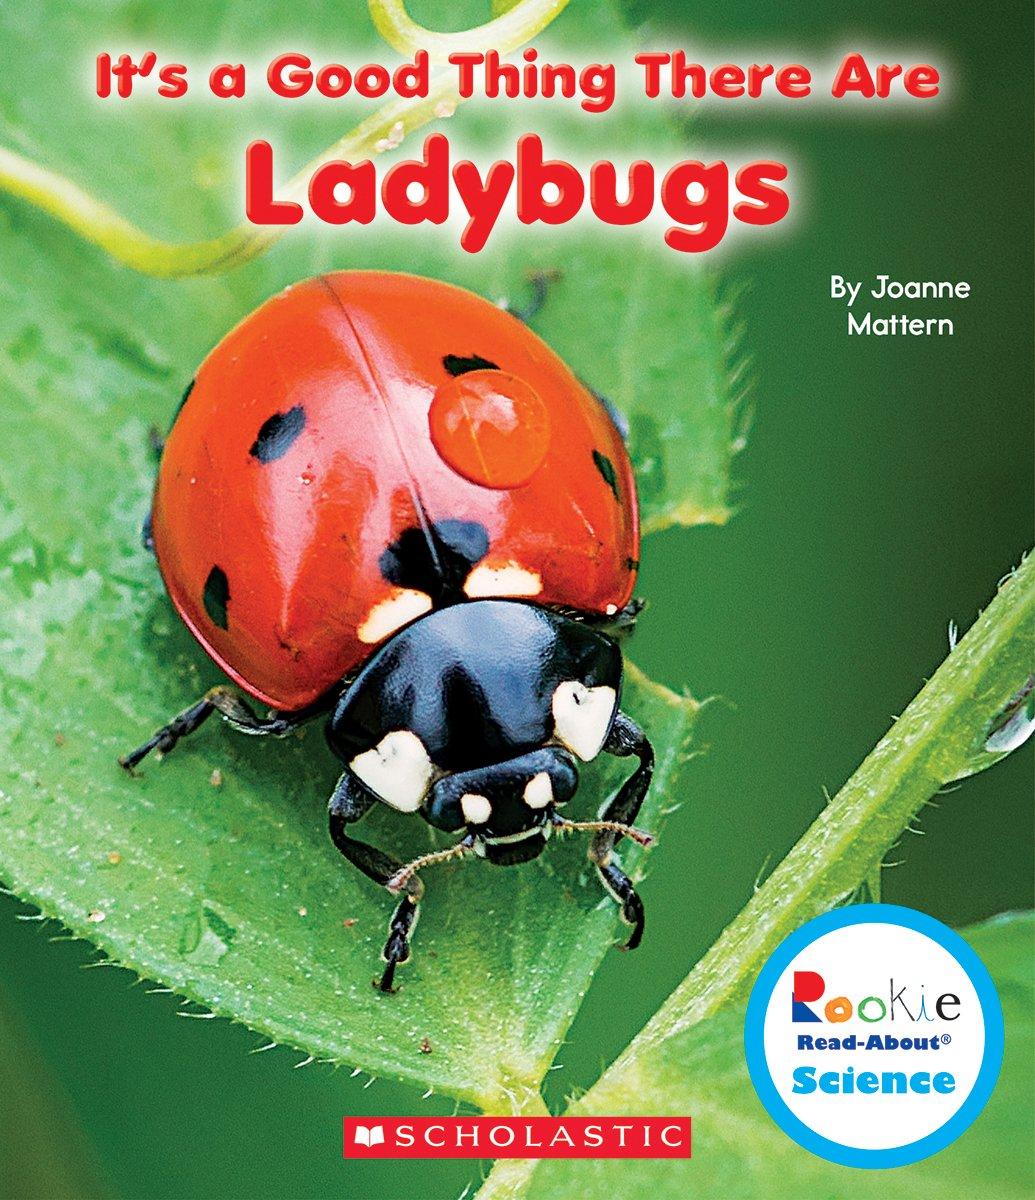 ladybug larvae the ladybug farm shows the whole life cycle